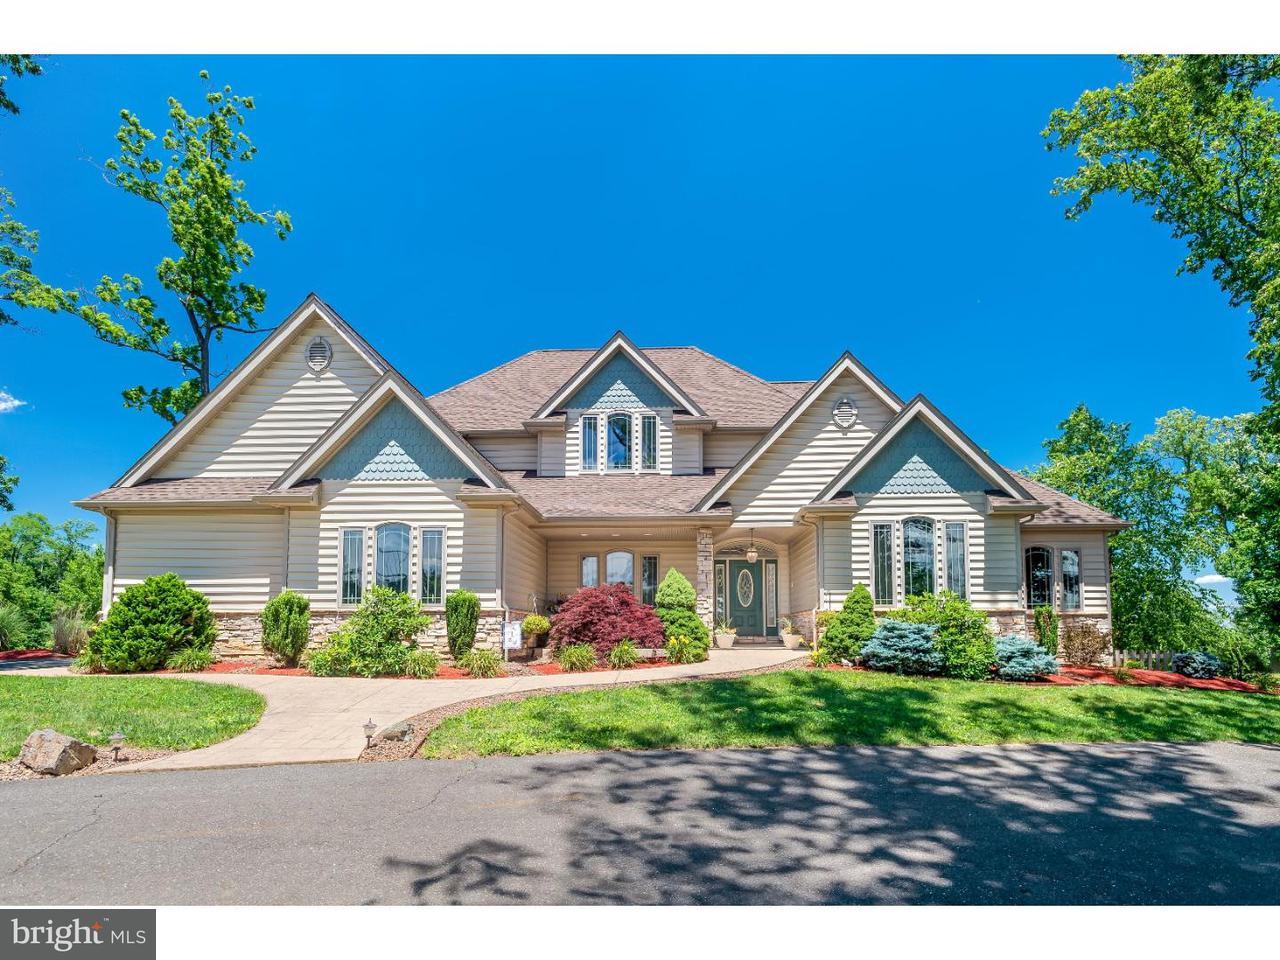 Casa Unifamiliar por un Venta en 122 ARNEYTOWN HORNERSTOWN Road Allentown, Nueva Jersey 08501 Estados UnidosEn/Alrededor: Upper Freehold Township